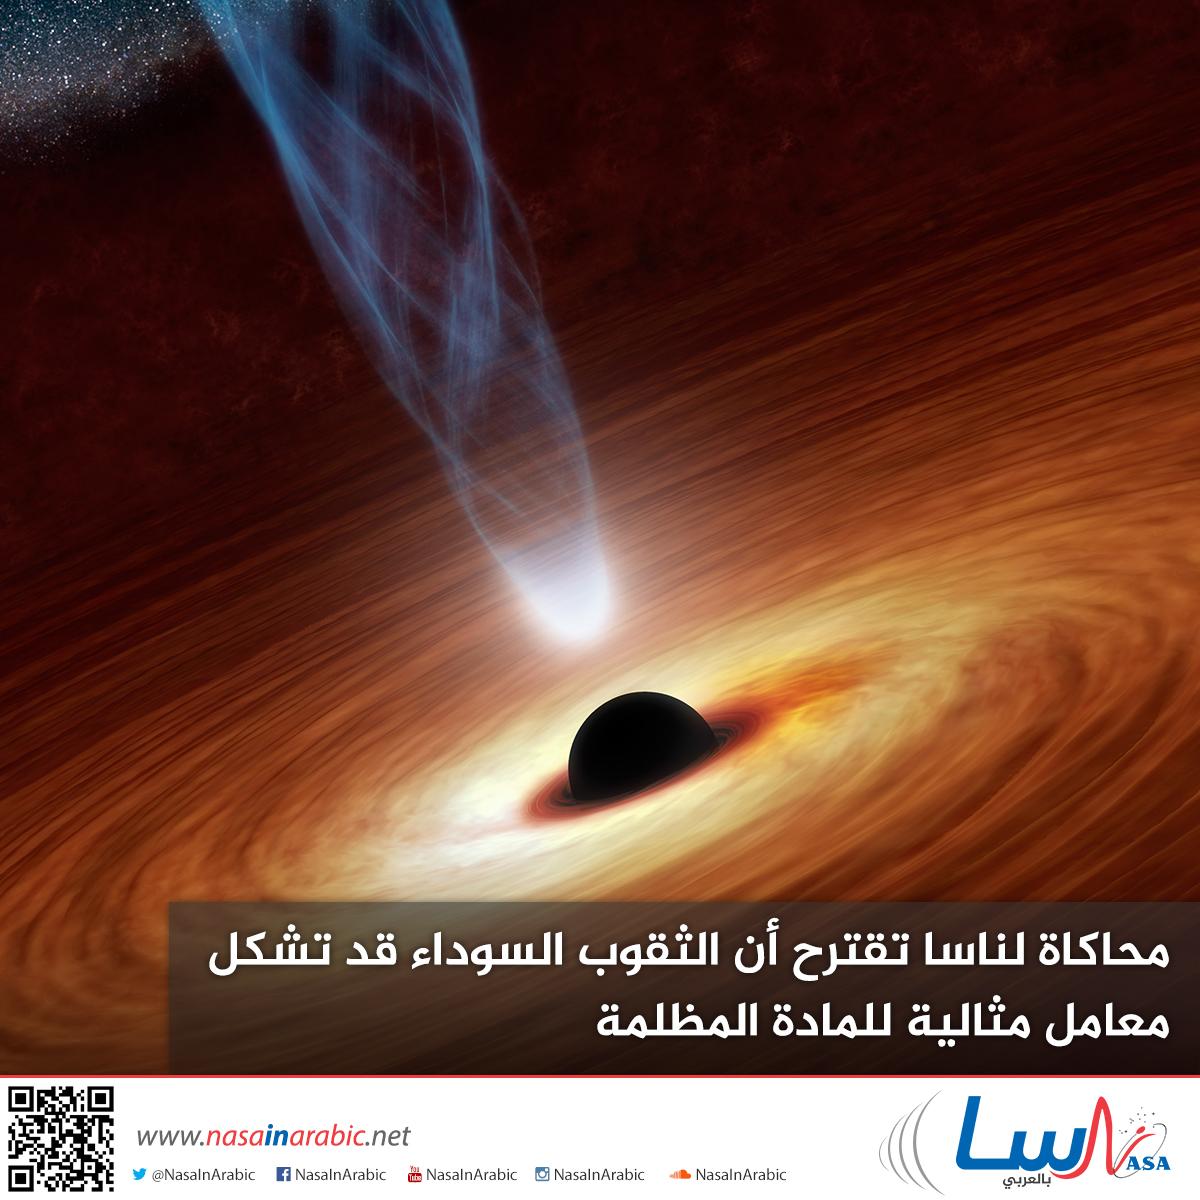 محاكاة لناسا تقترح أن الثقوب السوداء قد تشكل معامل مثالية للمادة المظلمة